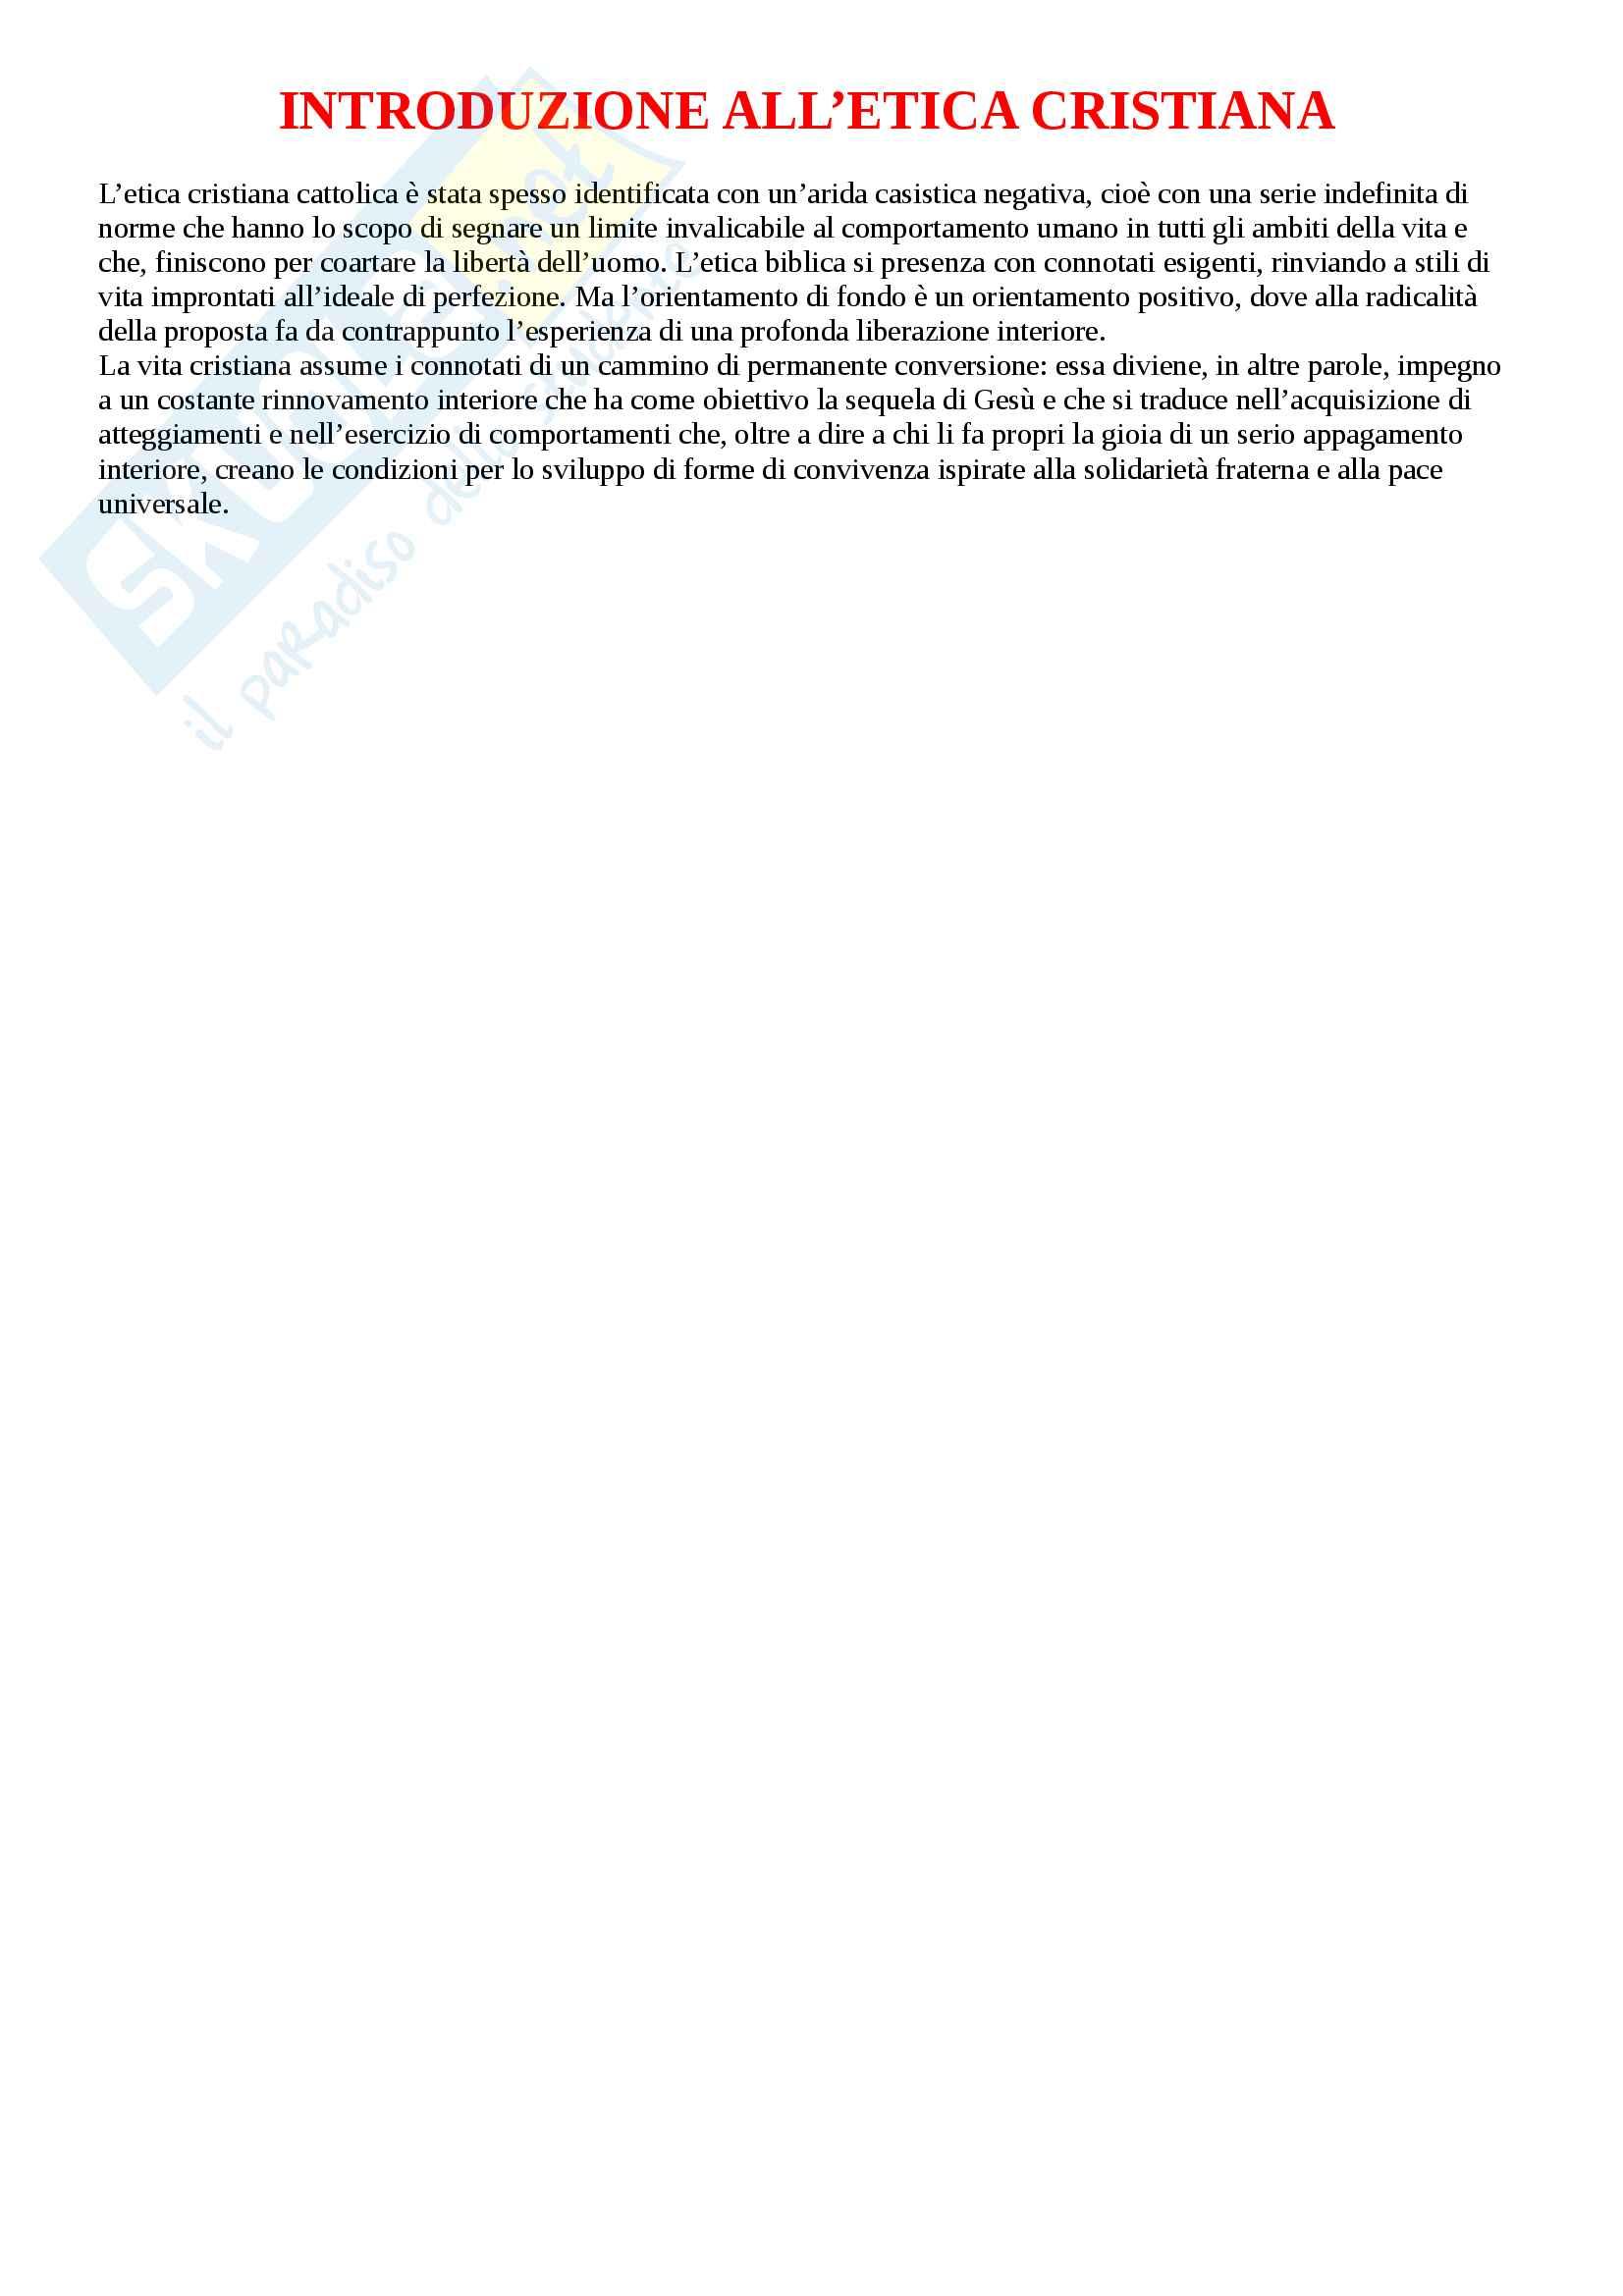 """Riassunto esame Teologia 3, prof. Ronca, libro consigliato """"introduzione all'etica cristiana"""" di G. Piana"""